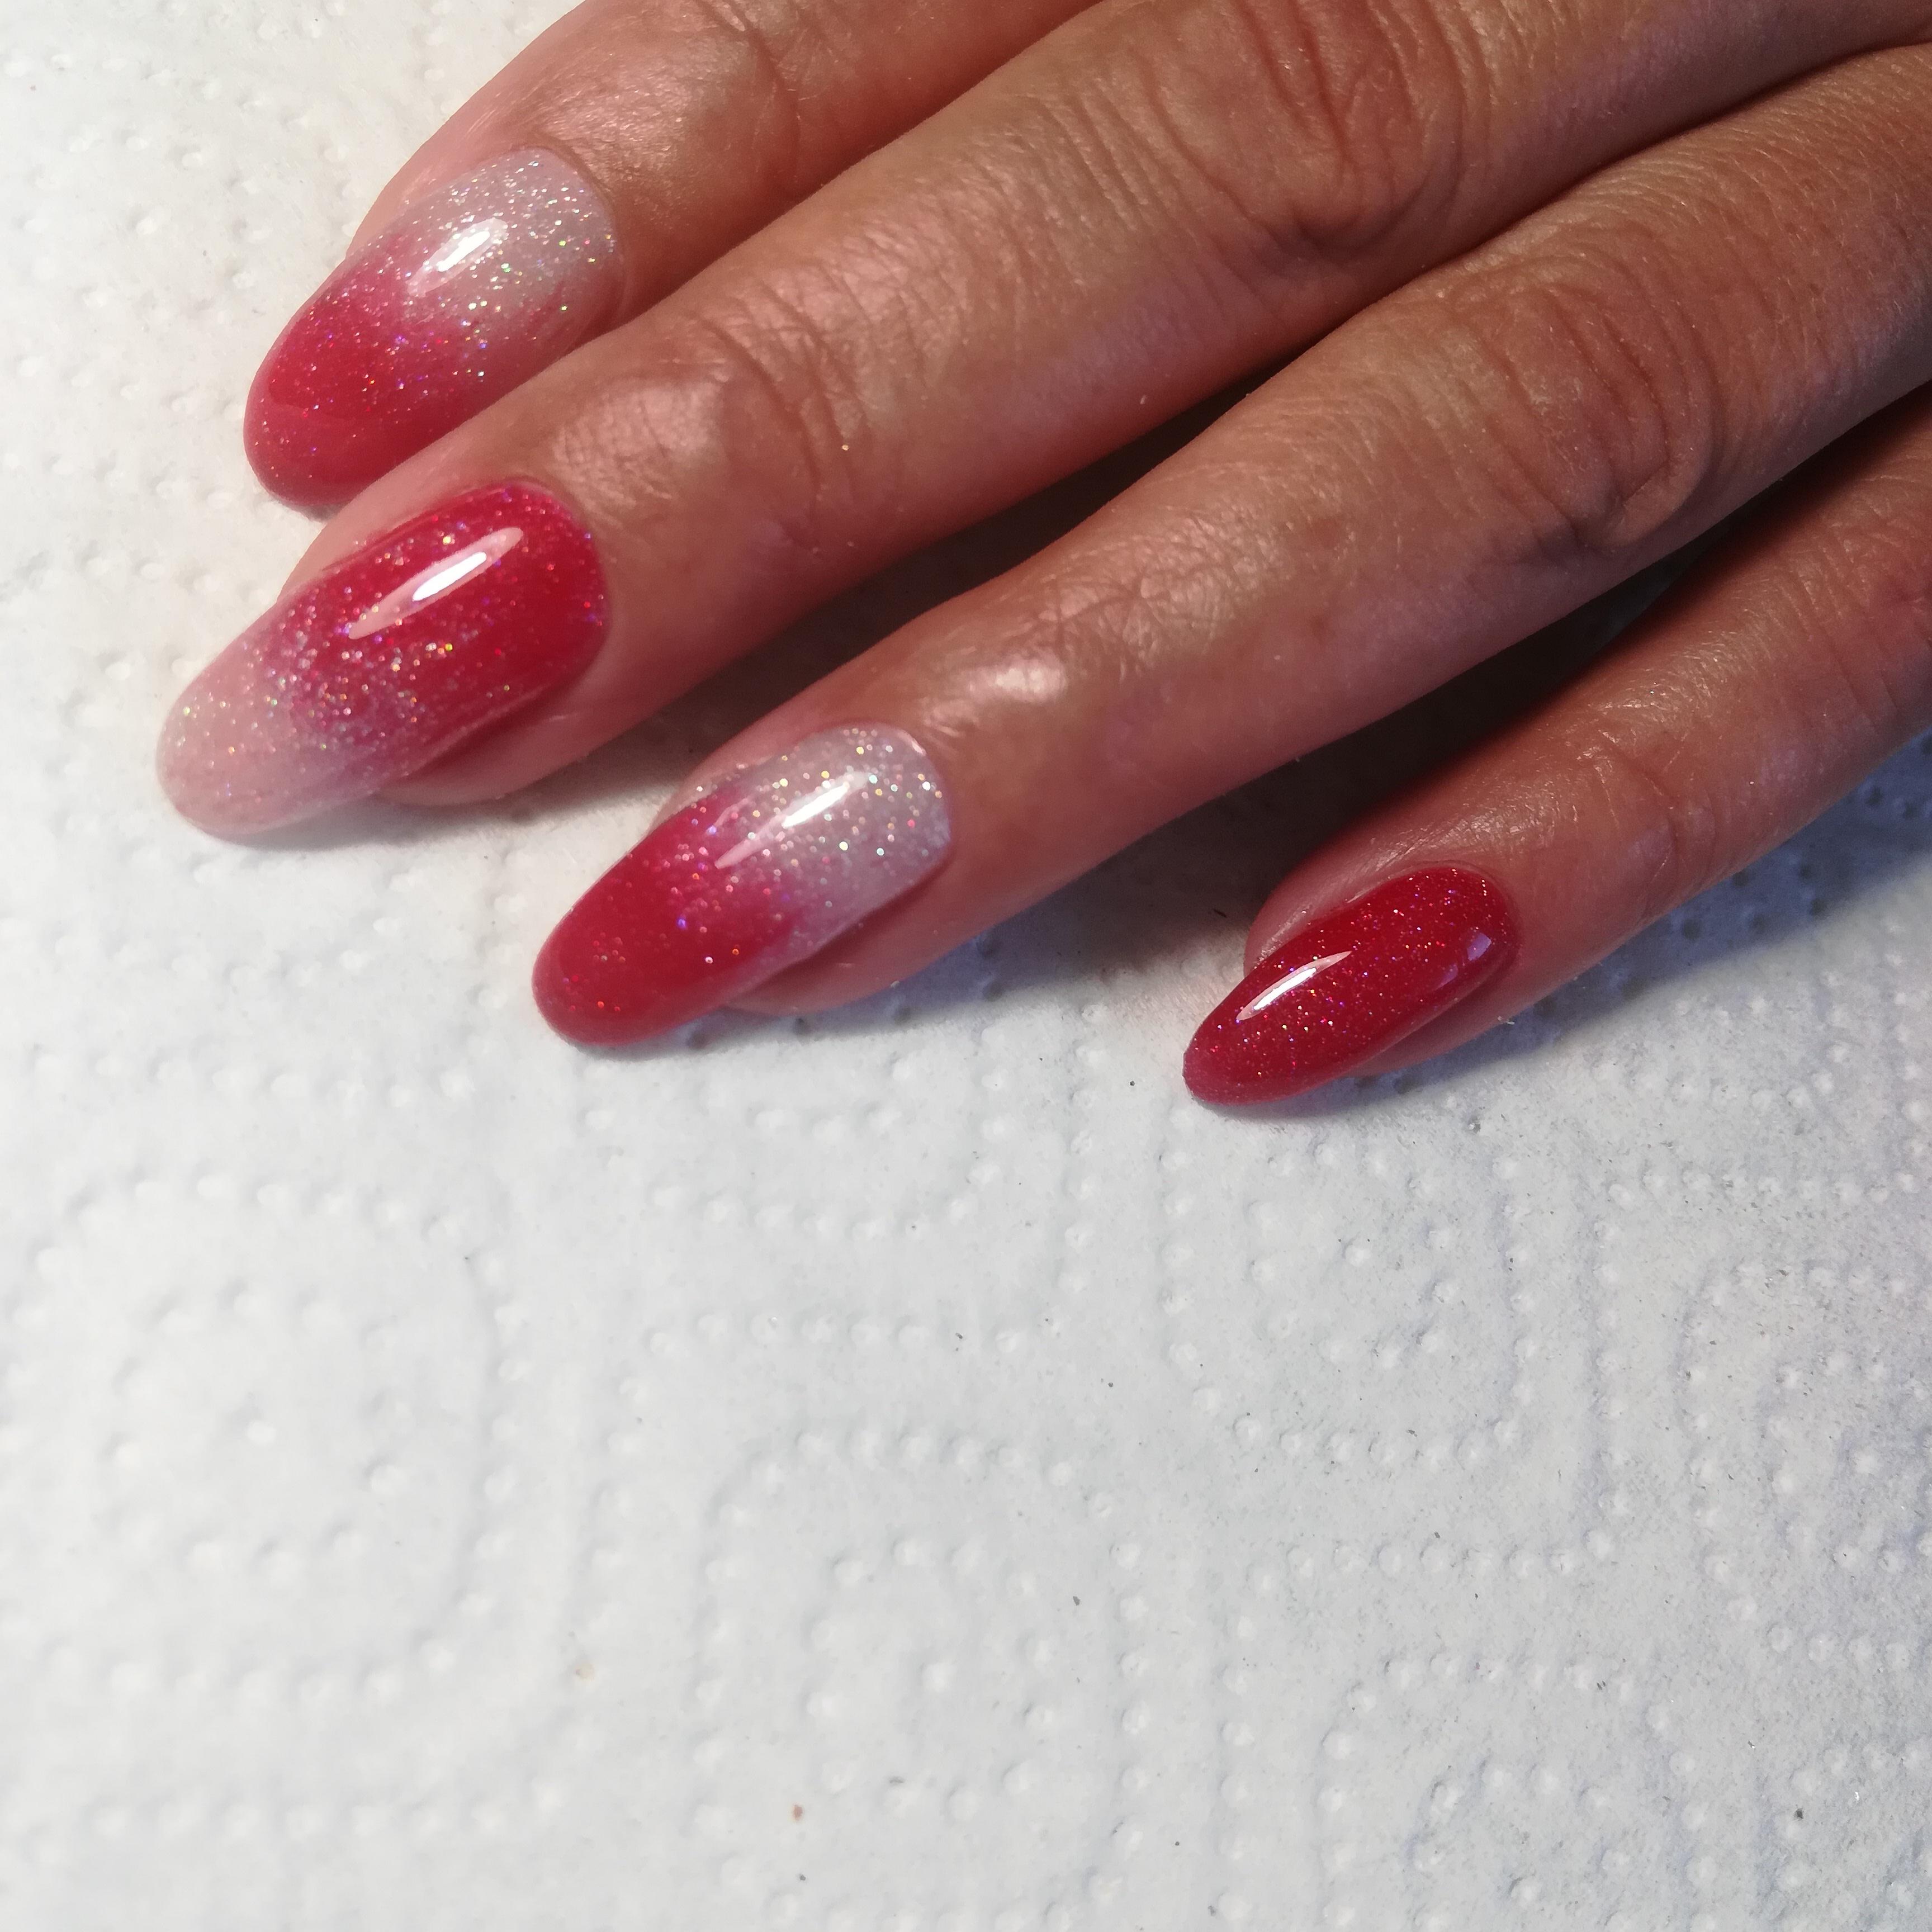 Маникюр с градиентом и блестками на длииные ногти.